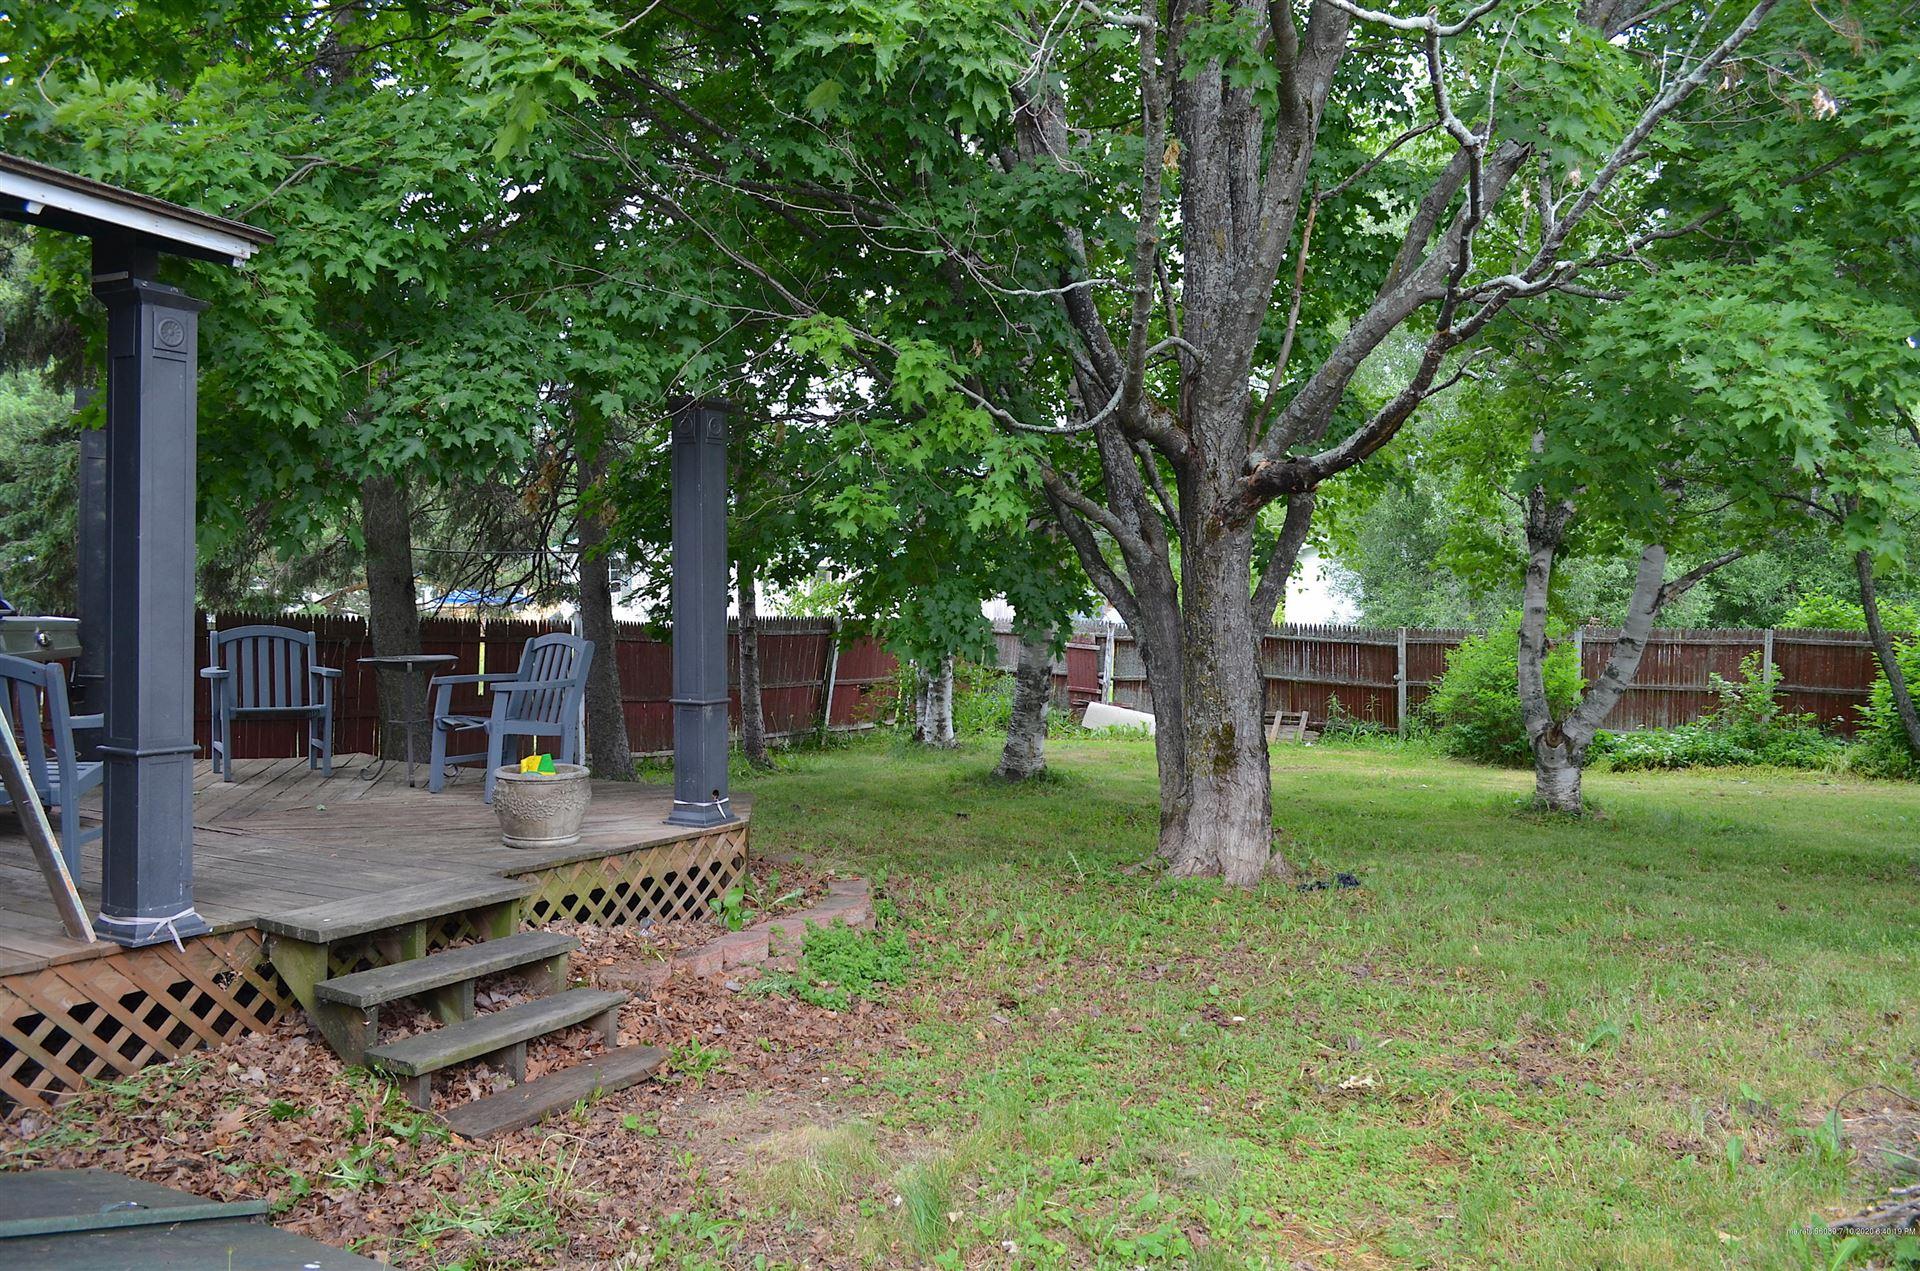 Photo of 60 Exchange Street, Presque Isle, ME 04769 (MLS # 1458722)